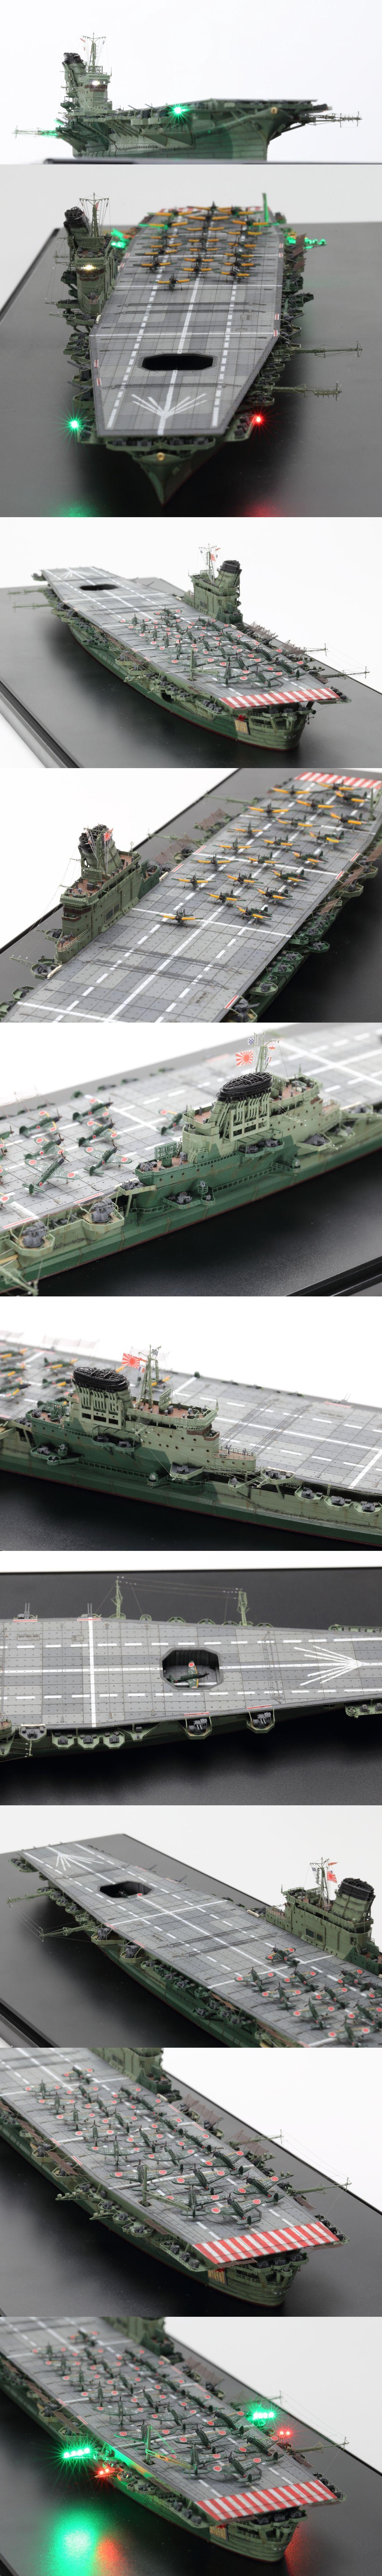 1 700 日本海軍航空母艦 信濃 完成品 タミヤ ヤフオク 航空母艦